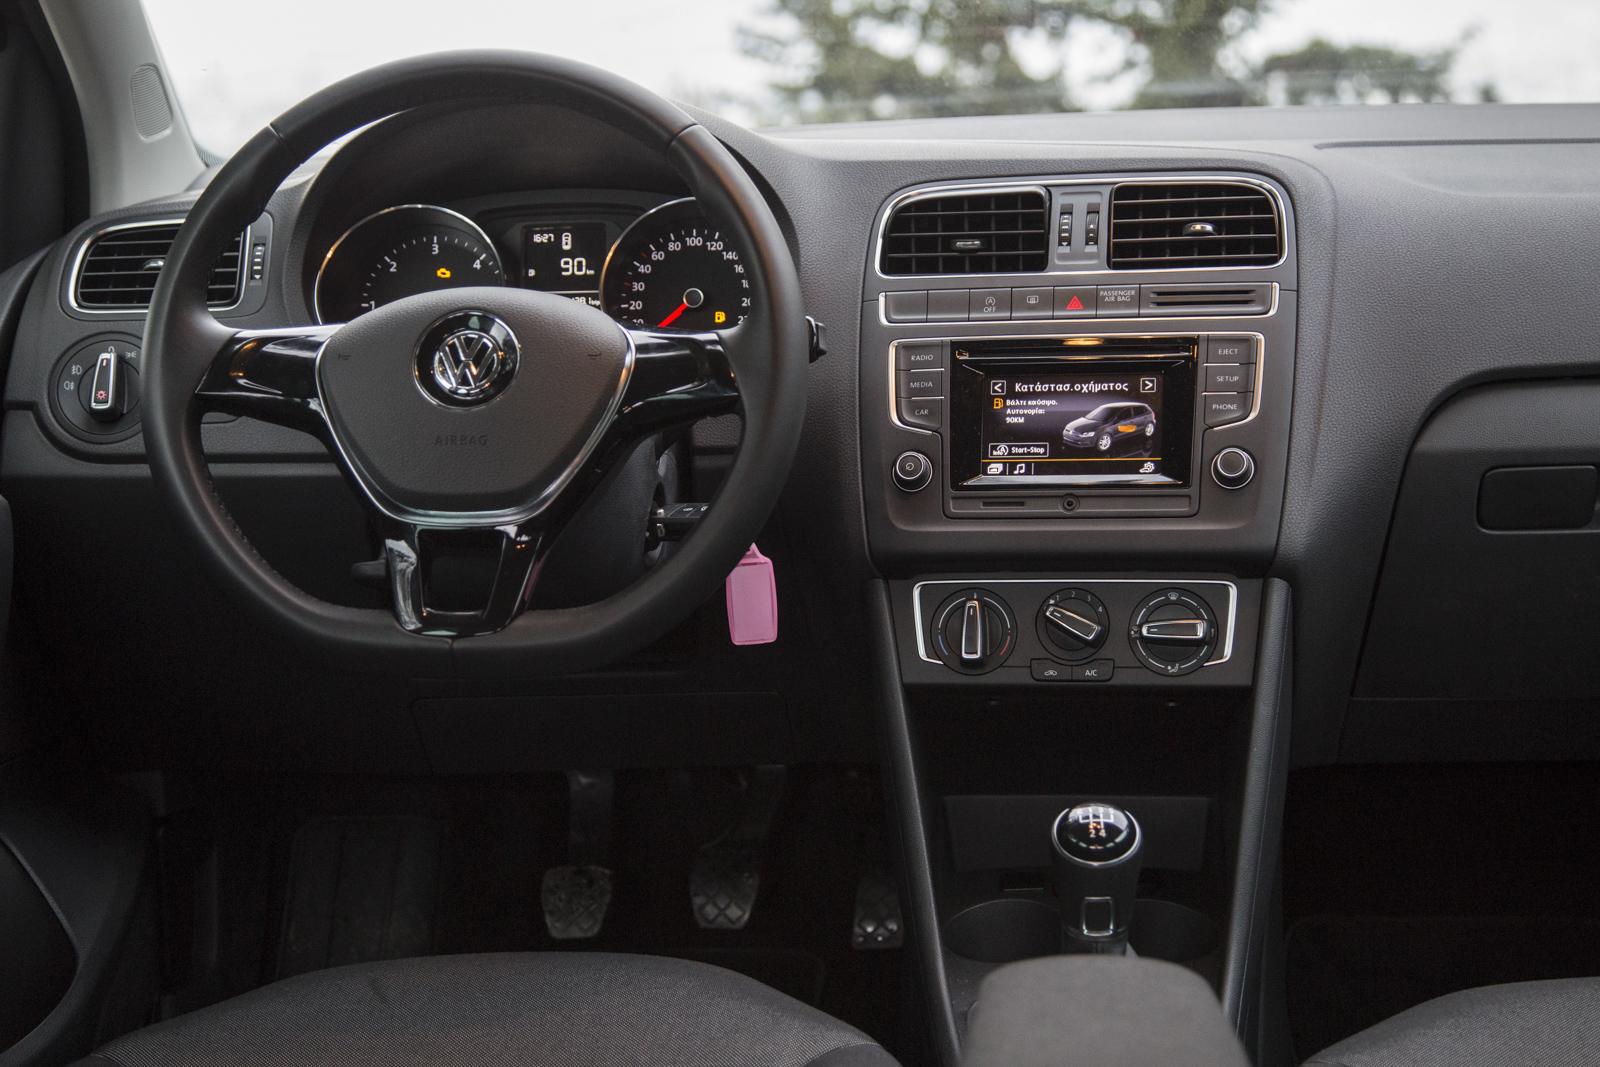 Test_Drive_VW_Polo_1.4_TDI_105_22